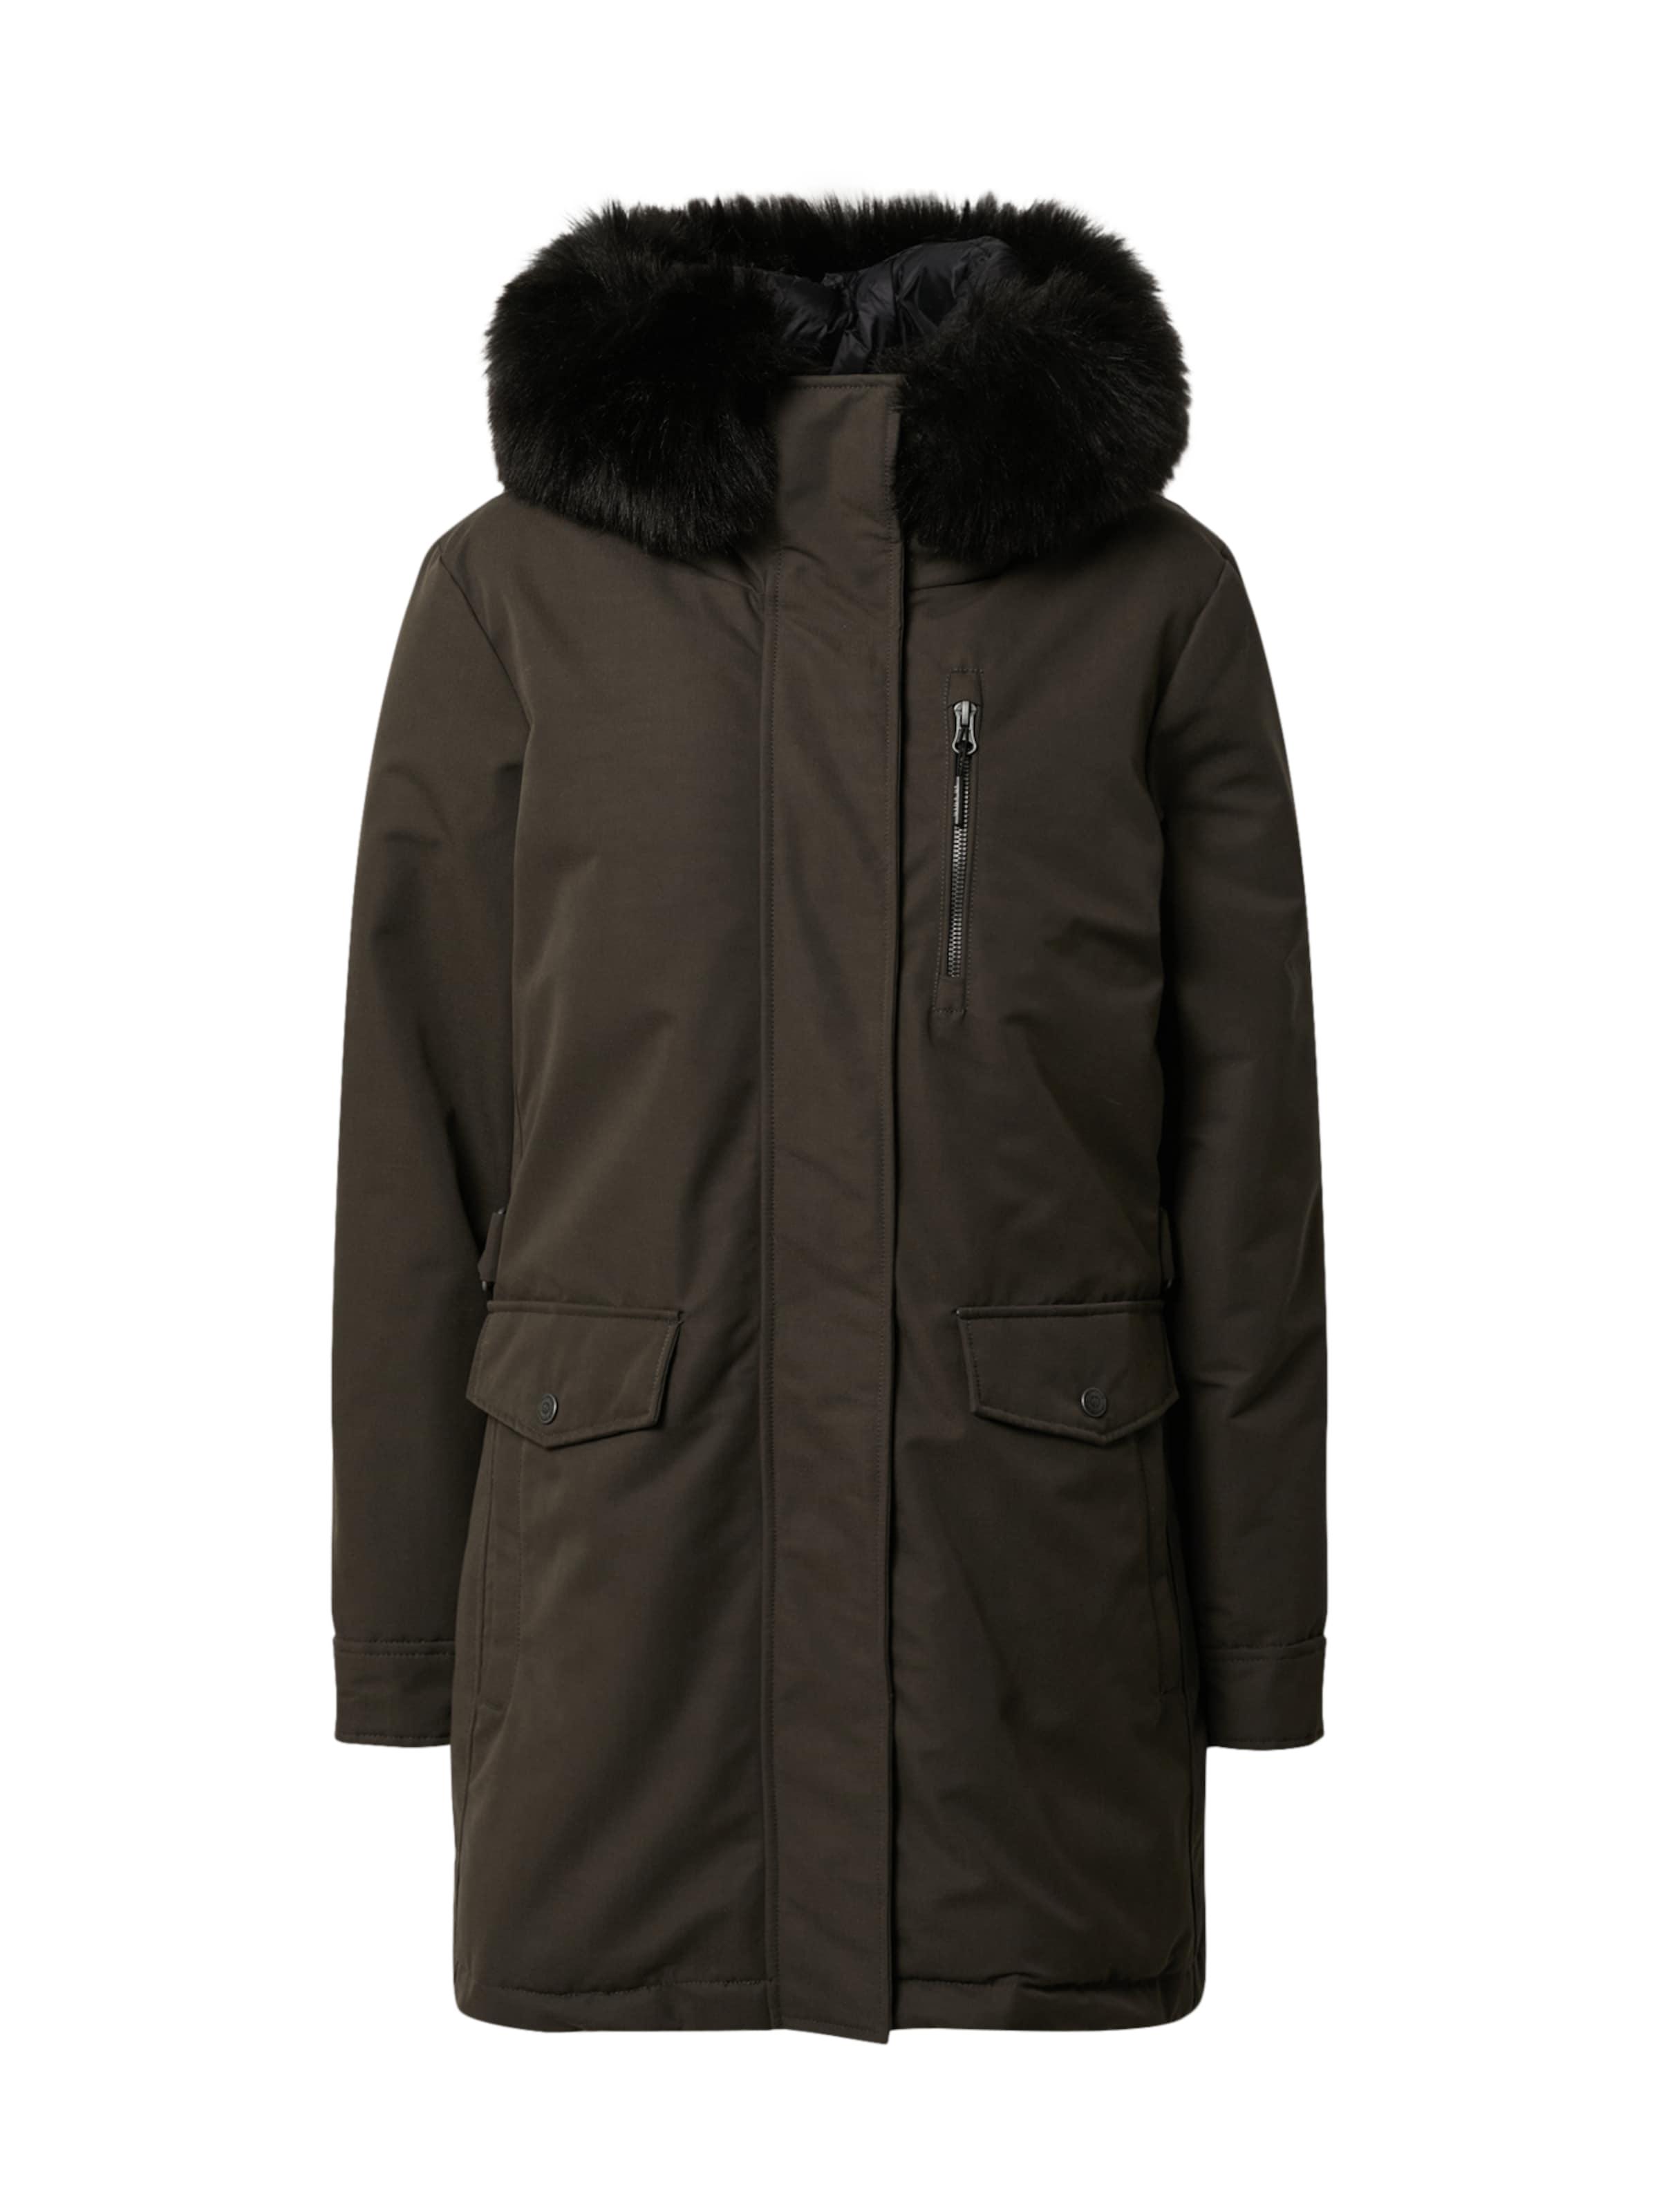 G.I.G.A. DX by killtec Funkcionális kabátok 'Stormiga' khaki színben